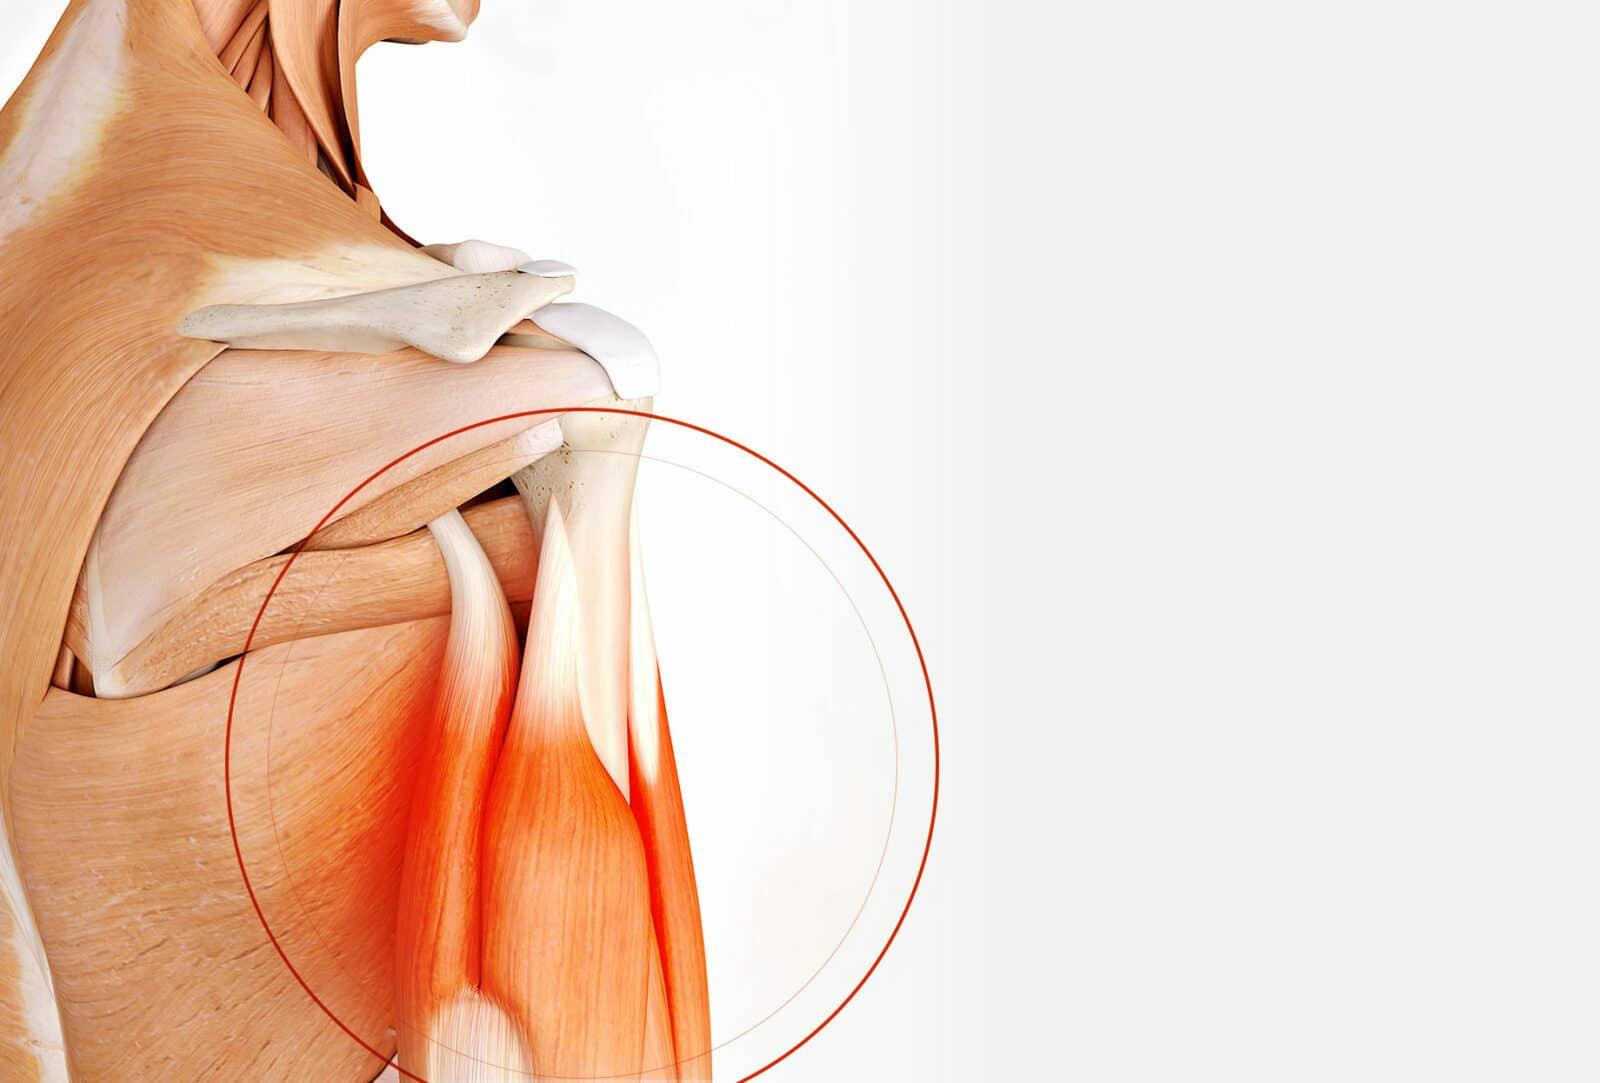 Chirurgie de l'épaule: Chirurgie du biceps à Paris - Dr Paillard